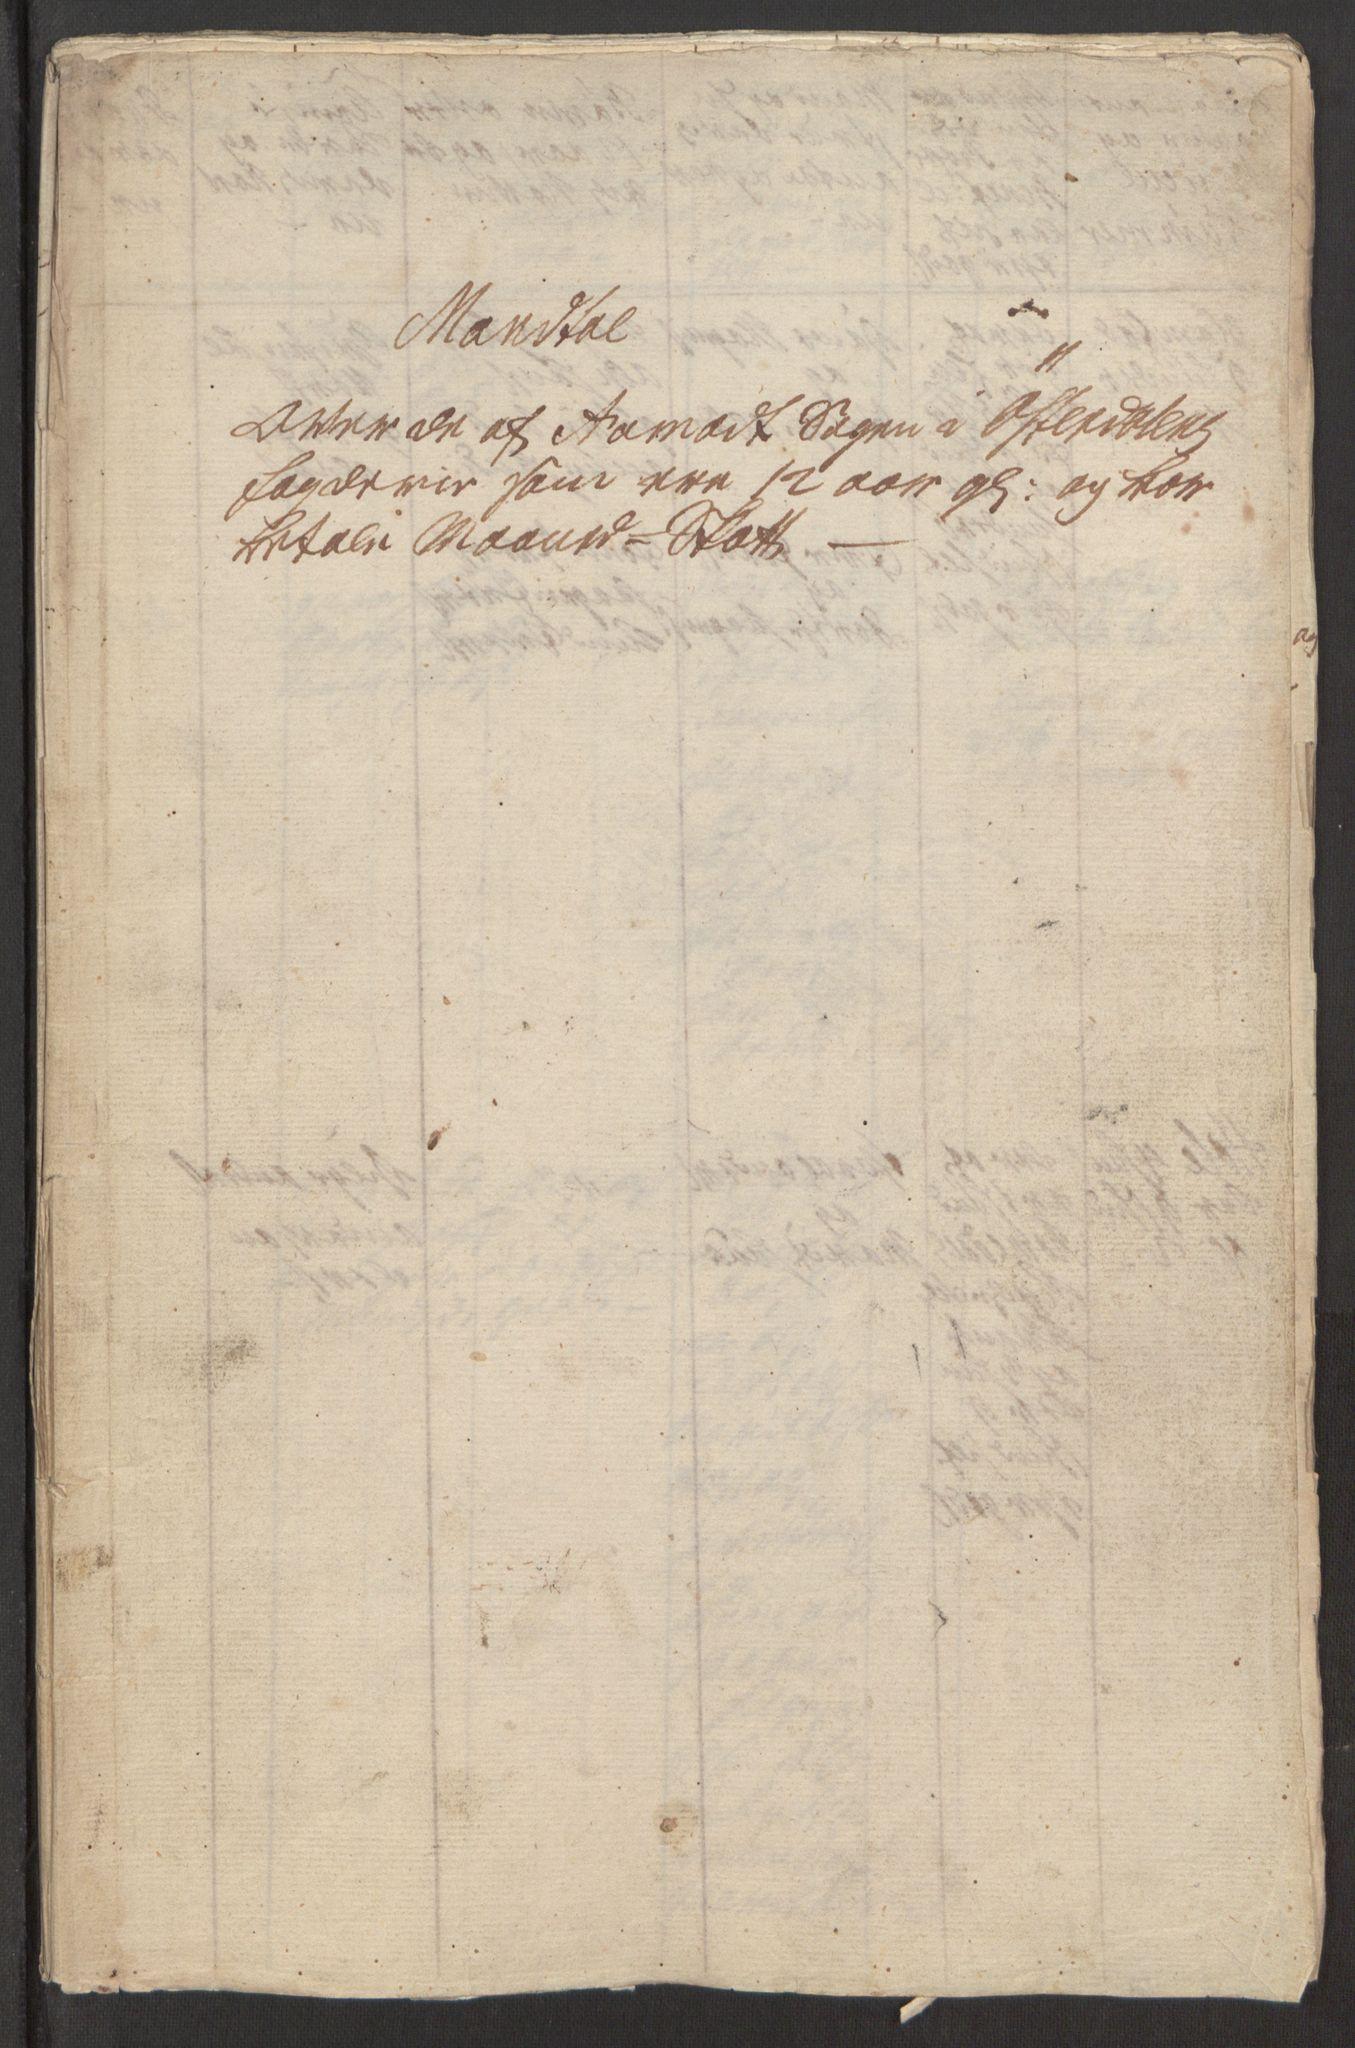 RA, Rentekammeret inntil 1814, Reviderte regnskaper, Fogderegnskap, R15/L1014: Ekstraskatten Østerdal, 1762-1764, s. 300